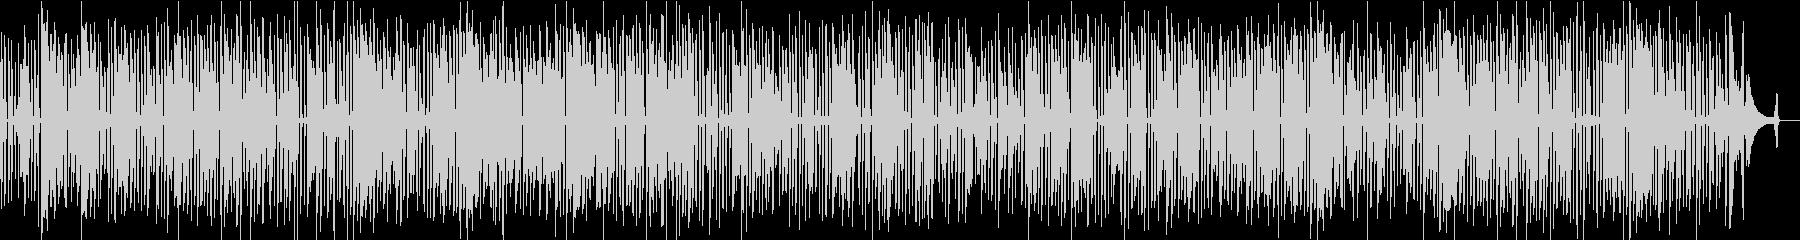 楽しいアニメに合う明るいソロジャズピアノの未再生の波形